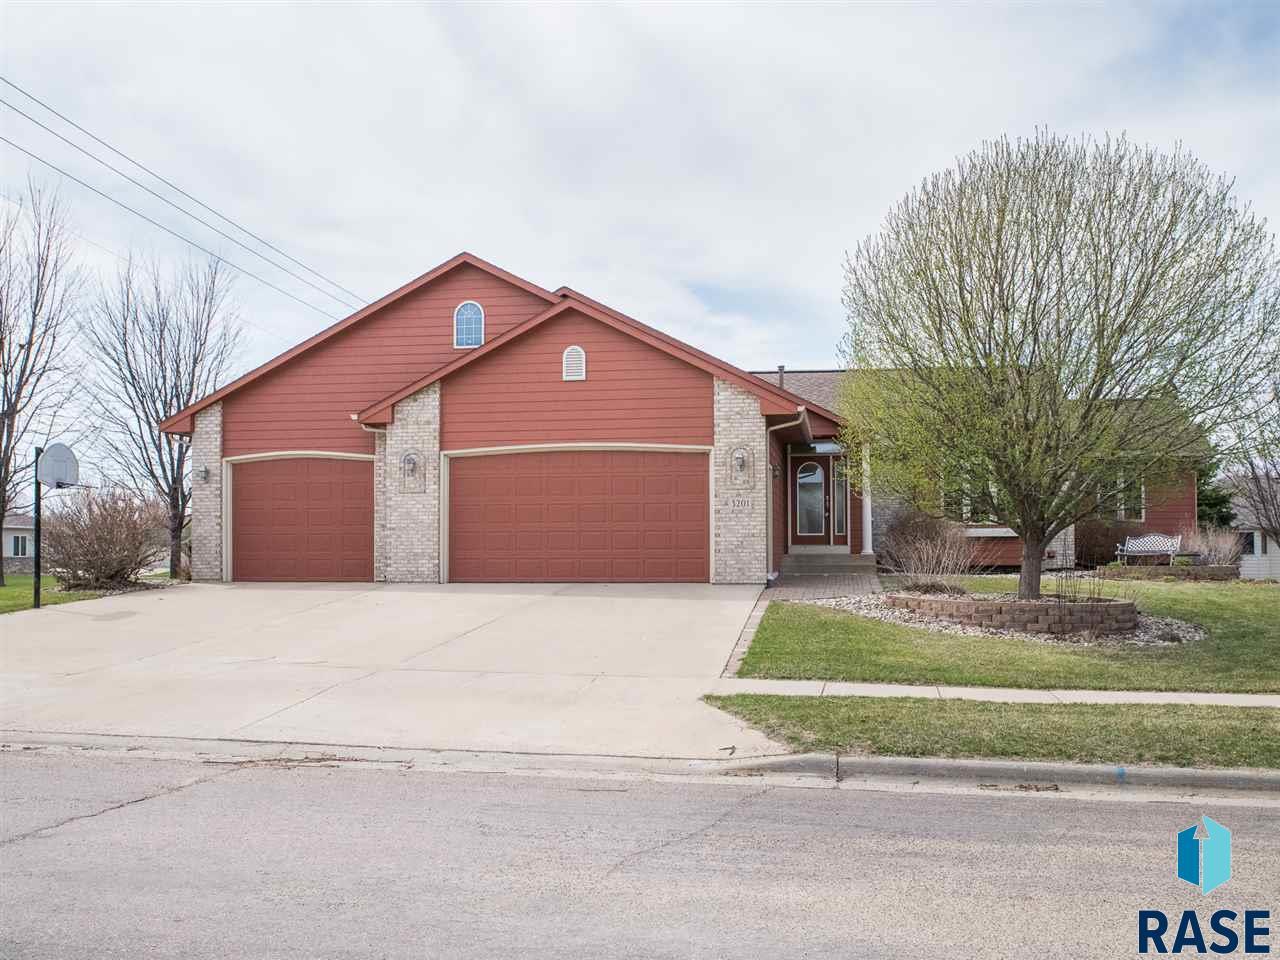 3201 S Bluegrass Ct, Sioux Falls, SD 57103